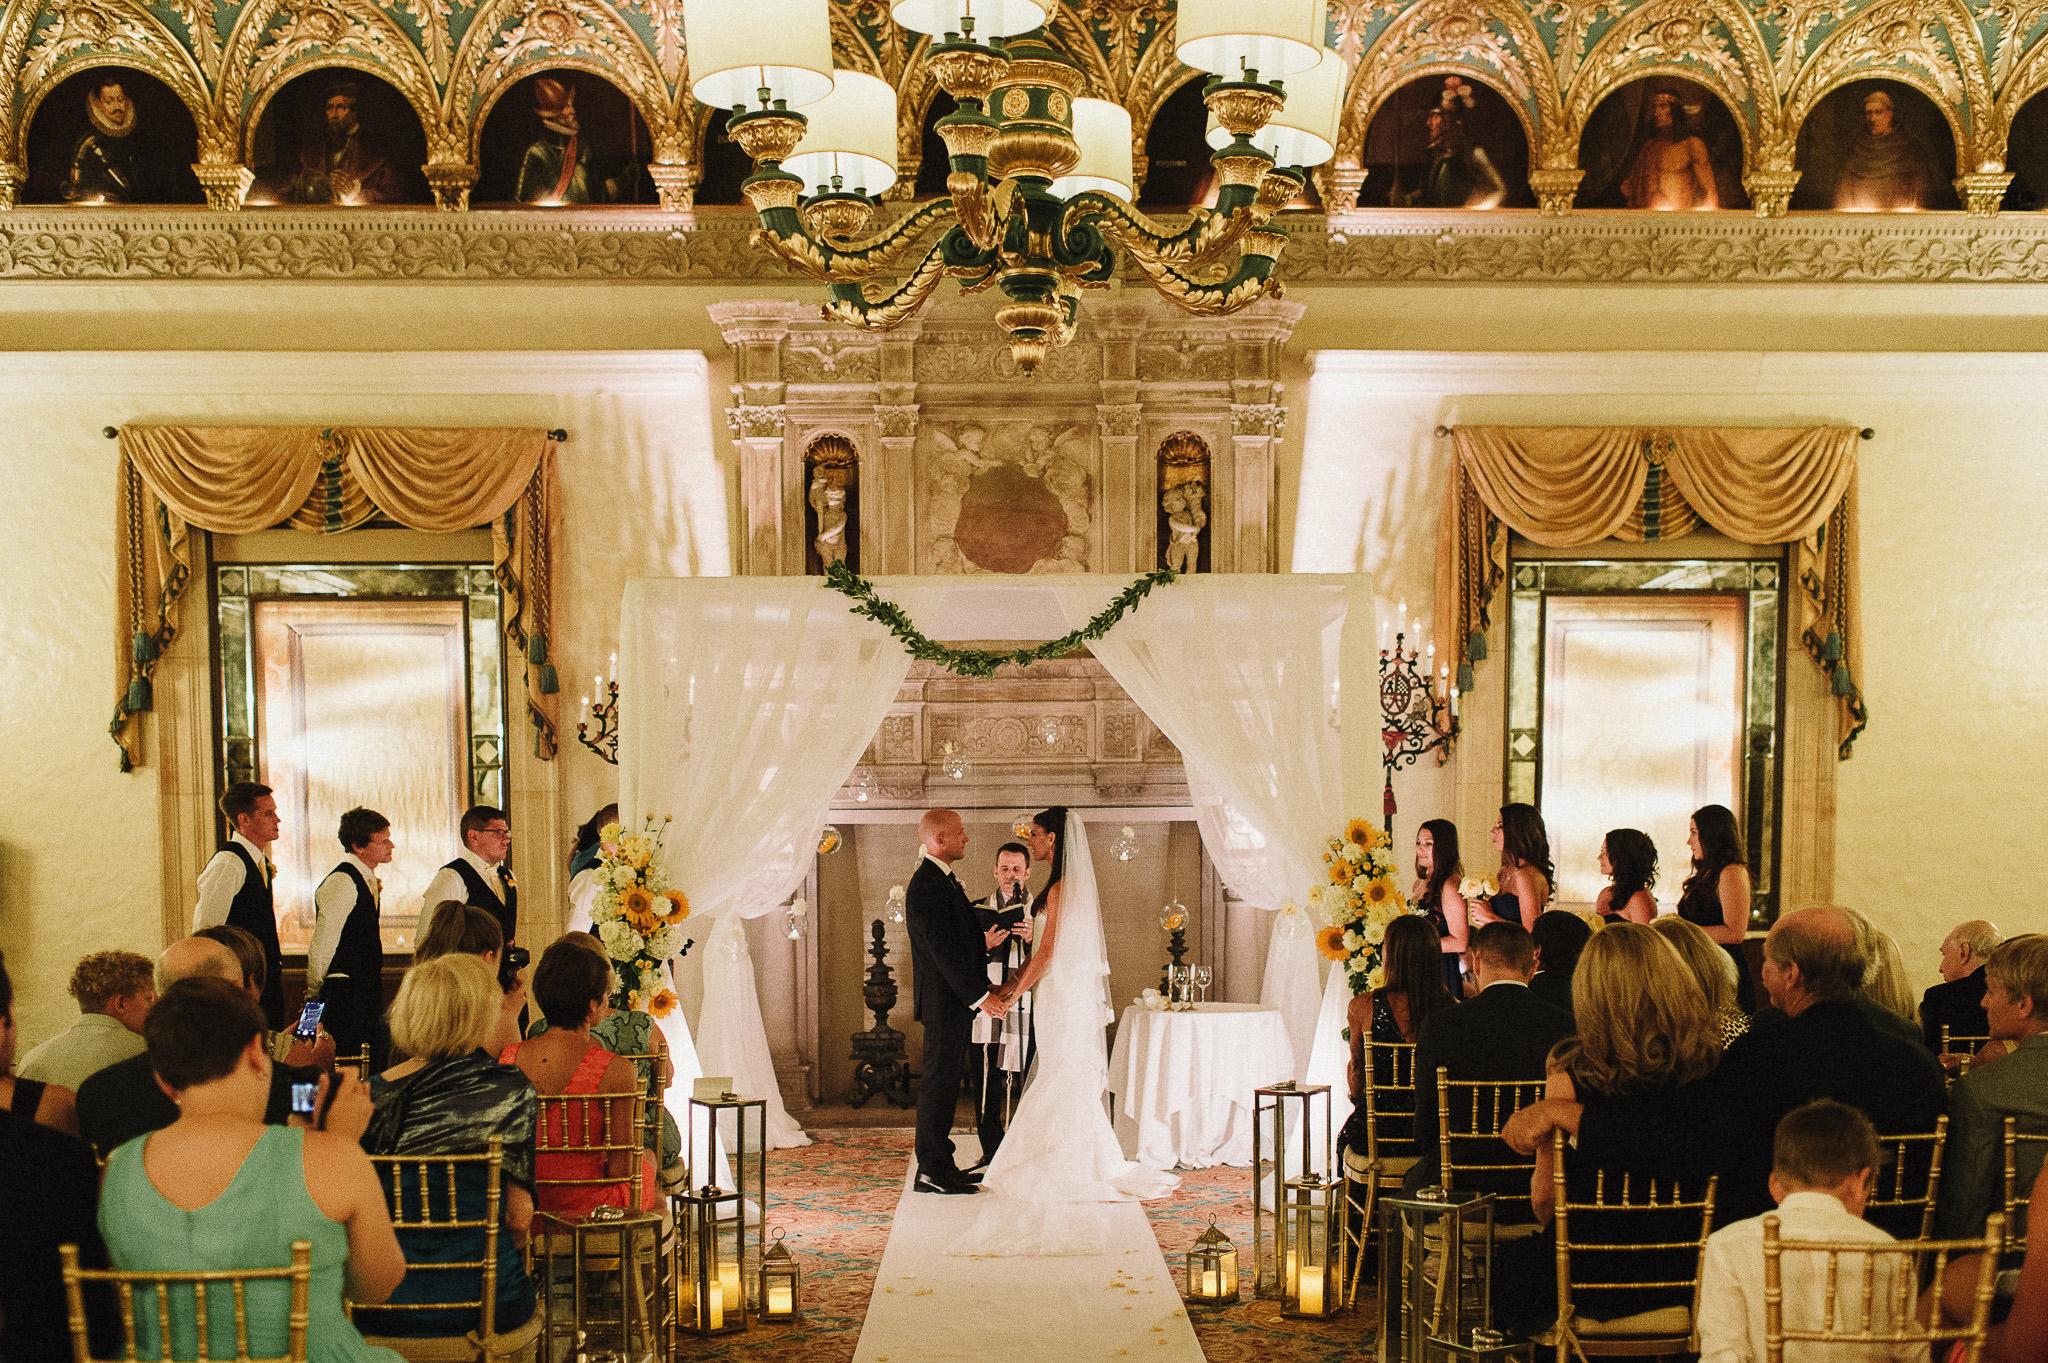 - WEDDING NIGHT